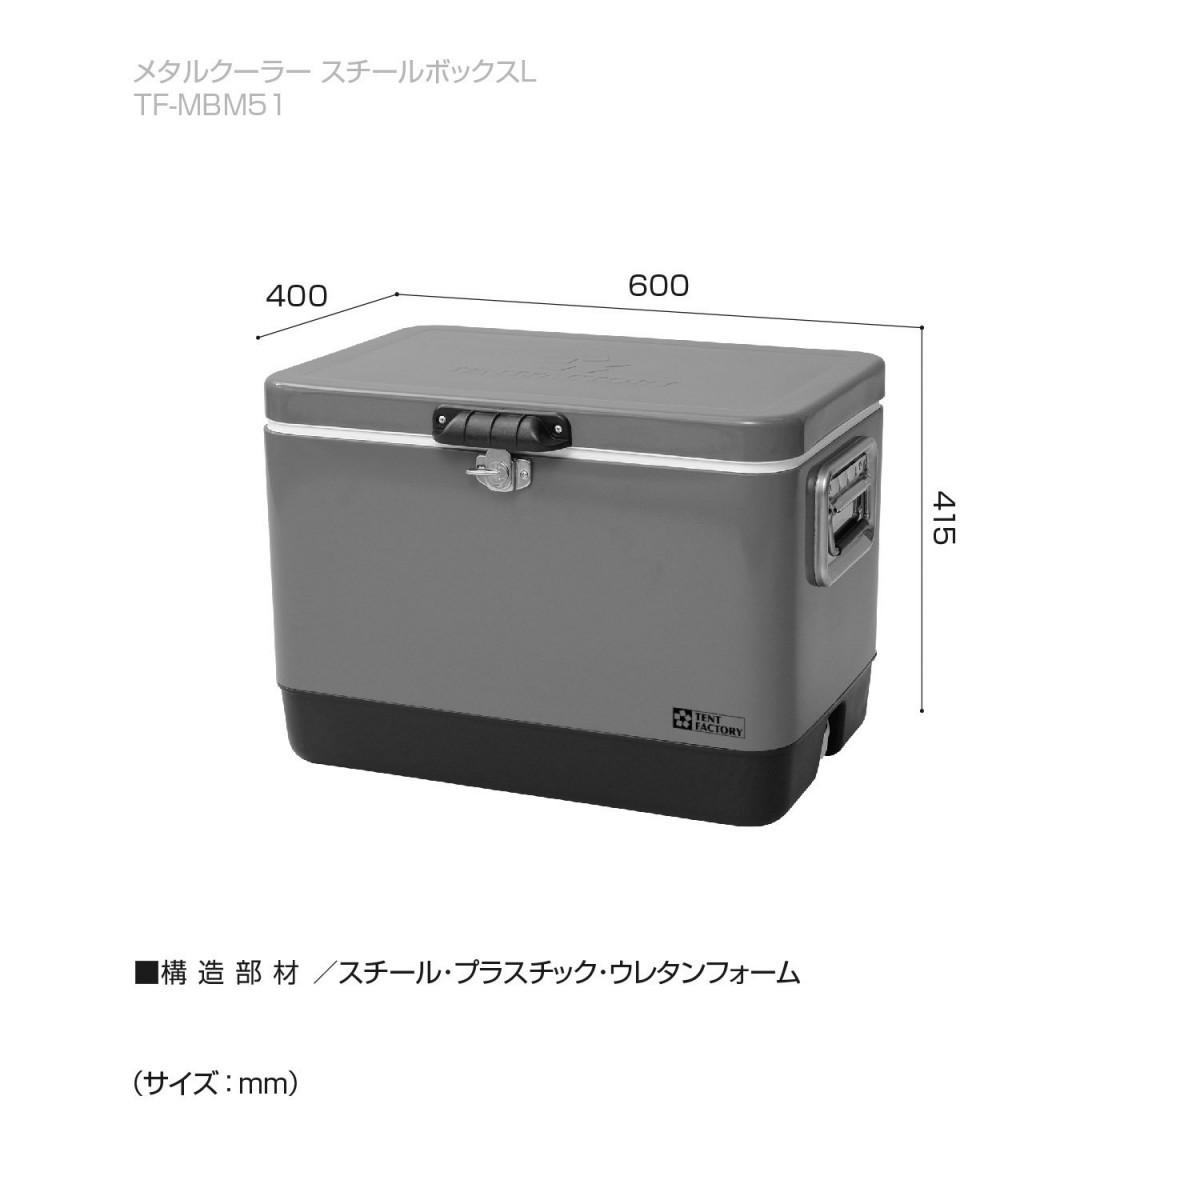 テントファクトリー メタルクーラー スチールボックスL(ブラウン)の商品画像|2